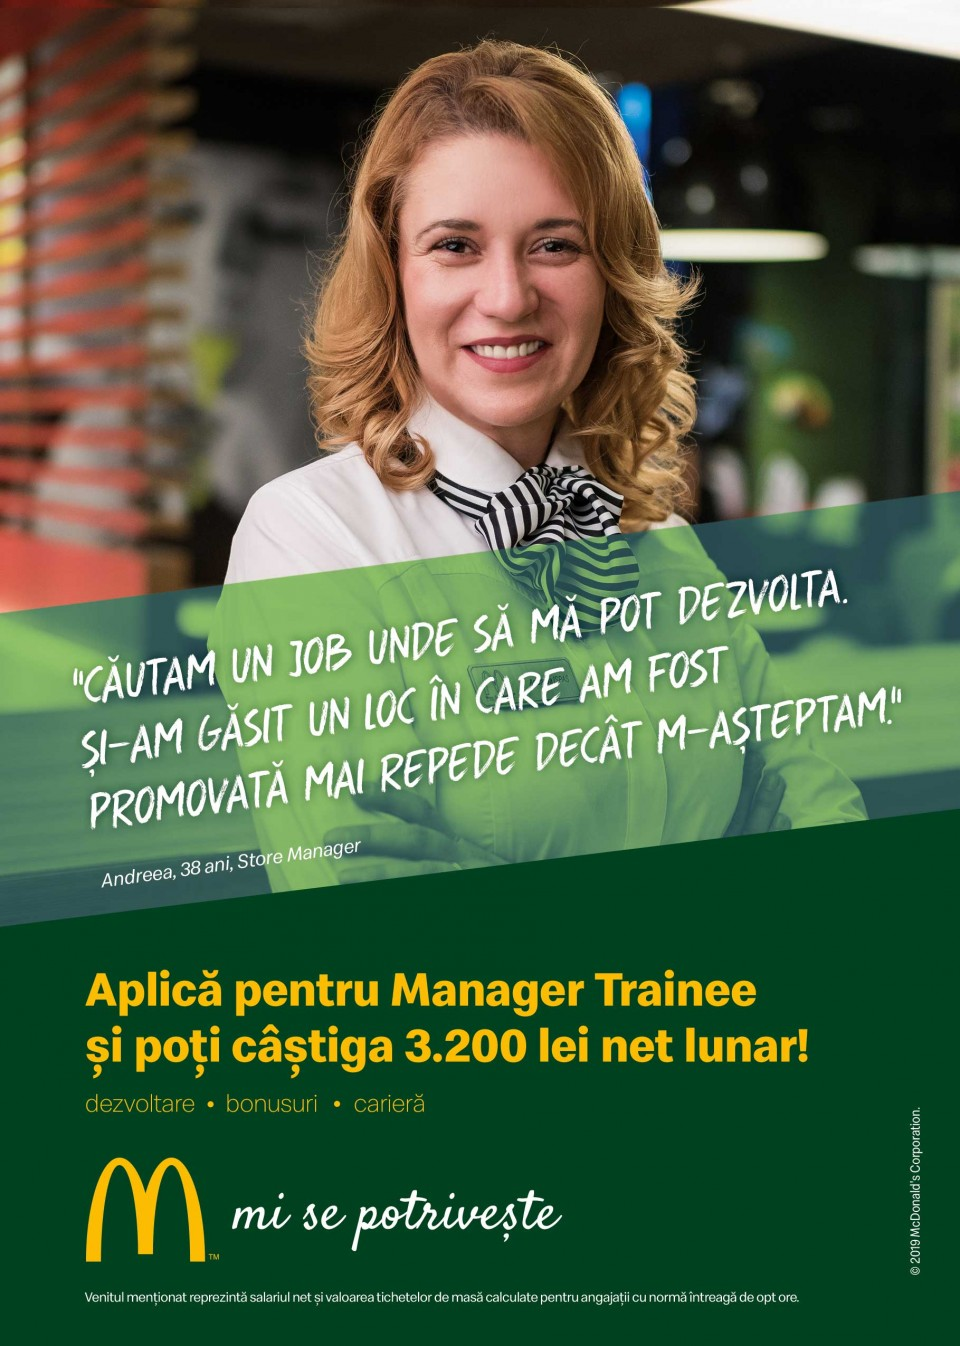 McDonald's în RomâniaCei 5.000 de angajați ai McDonald's în România știu ce înseamnă puterea unui zâmbet.  Echipa McDonald's e formată din oameni muncitori, ambițioși, pentru care interacțiunea cu alți oameni este o bucurie. În fiecare zi, angajații McDonald's întâmpină peste 210.000 de clienți. Ne dorim să aducem în echipa noastră colegi dornici să învețe și să crească în cadrul unei echipe puternice și ambițioase.  McDonald's a deschis primul restaurant în România pe 16 iunie 1995, în Unirea Shopping Center din București. A fost primul pas în construirea unei povești de succes, care se dezvoltă în fiecare an.  În 2016, McDonald's în România a devenit Premier Restaurants România, ca urmare a parteneriatului pentru dezvoltare încheiat cu Premier Capital, compania malteză care coordonează operațiunile McDonald's din șase țări europene: Estonia, Grecia, Letonia, Lituania, Malta și România.  Astăzi, McDonald's are 78 de restaurante în 23 de orașe din România și este liderul pieței de restaurante cu servire rapidă. În același timp, lanțul McCafé, are în prezent 33 de cafenele în România și crește de la an la an.http://mcdonalds.ro